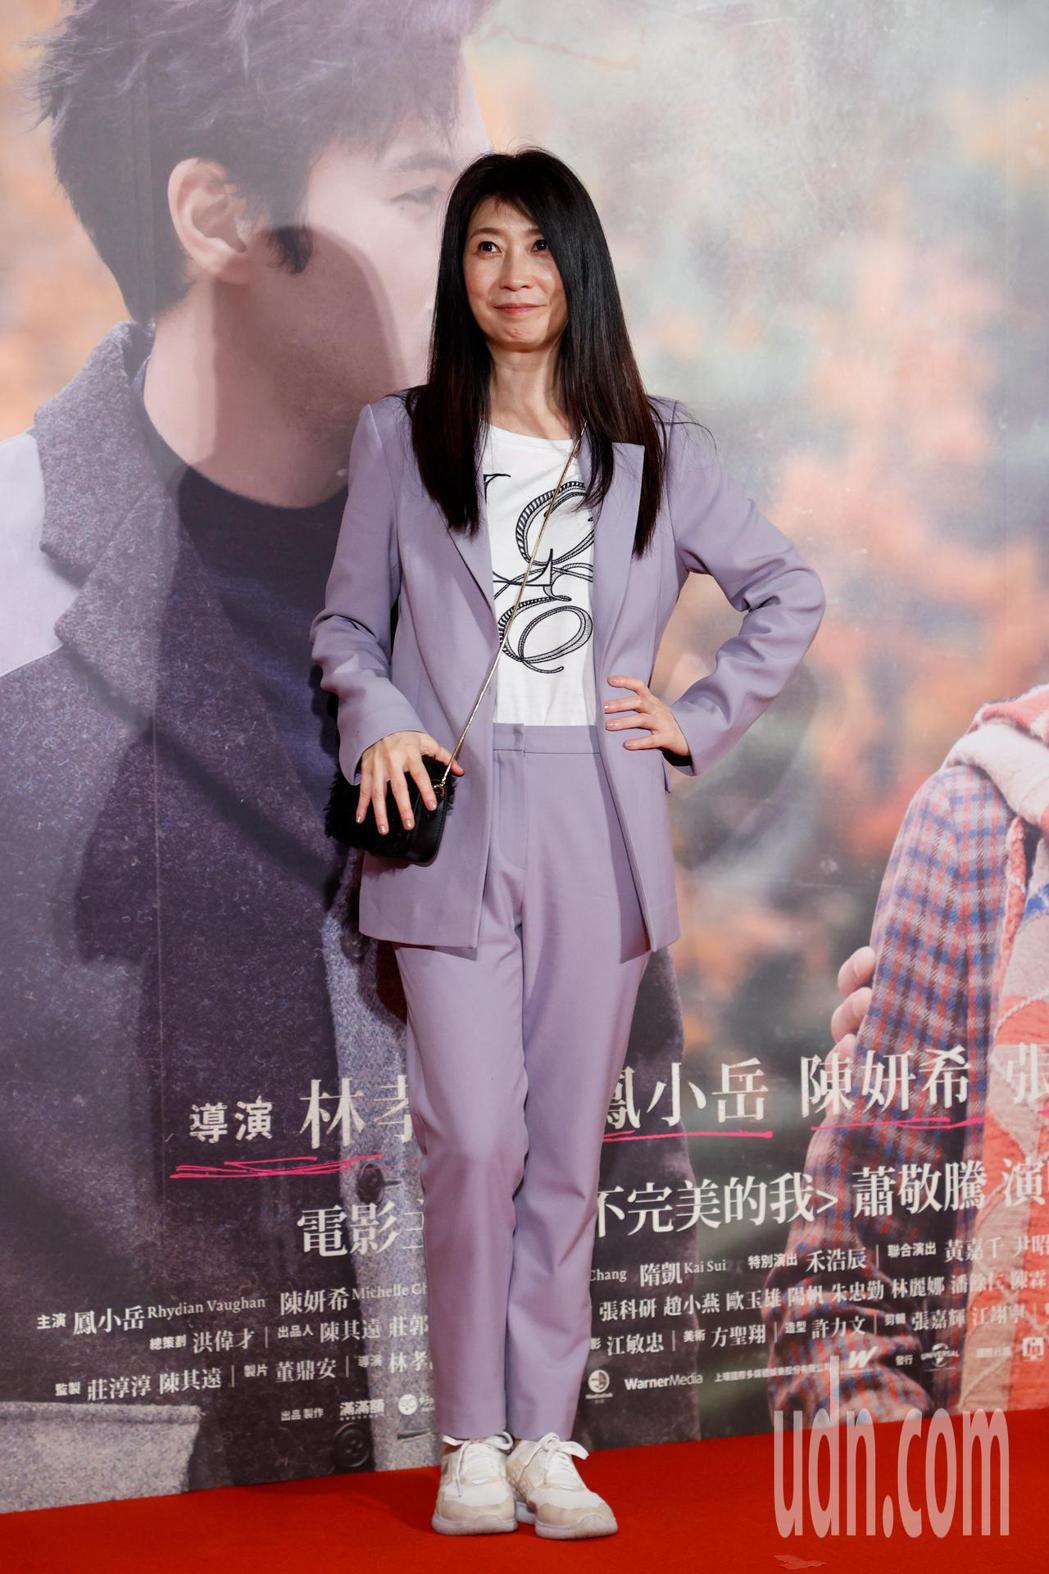 電影《跟你老婆去旅行》首映會晚上在台北市松仁威秀影城舉行,演員黃嘉千出席。記者鄭...